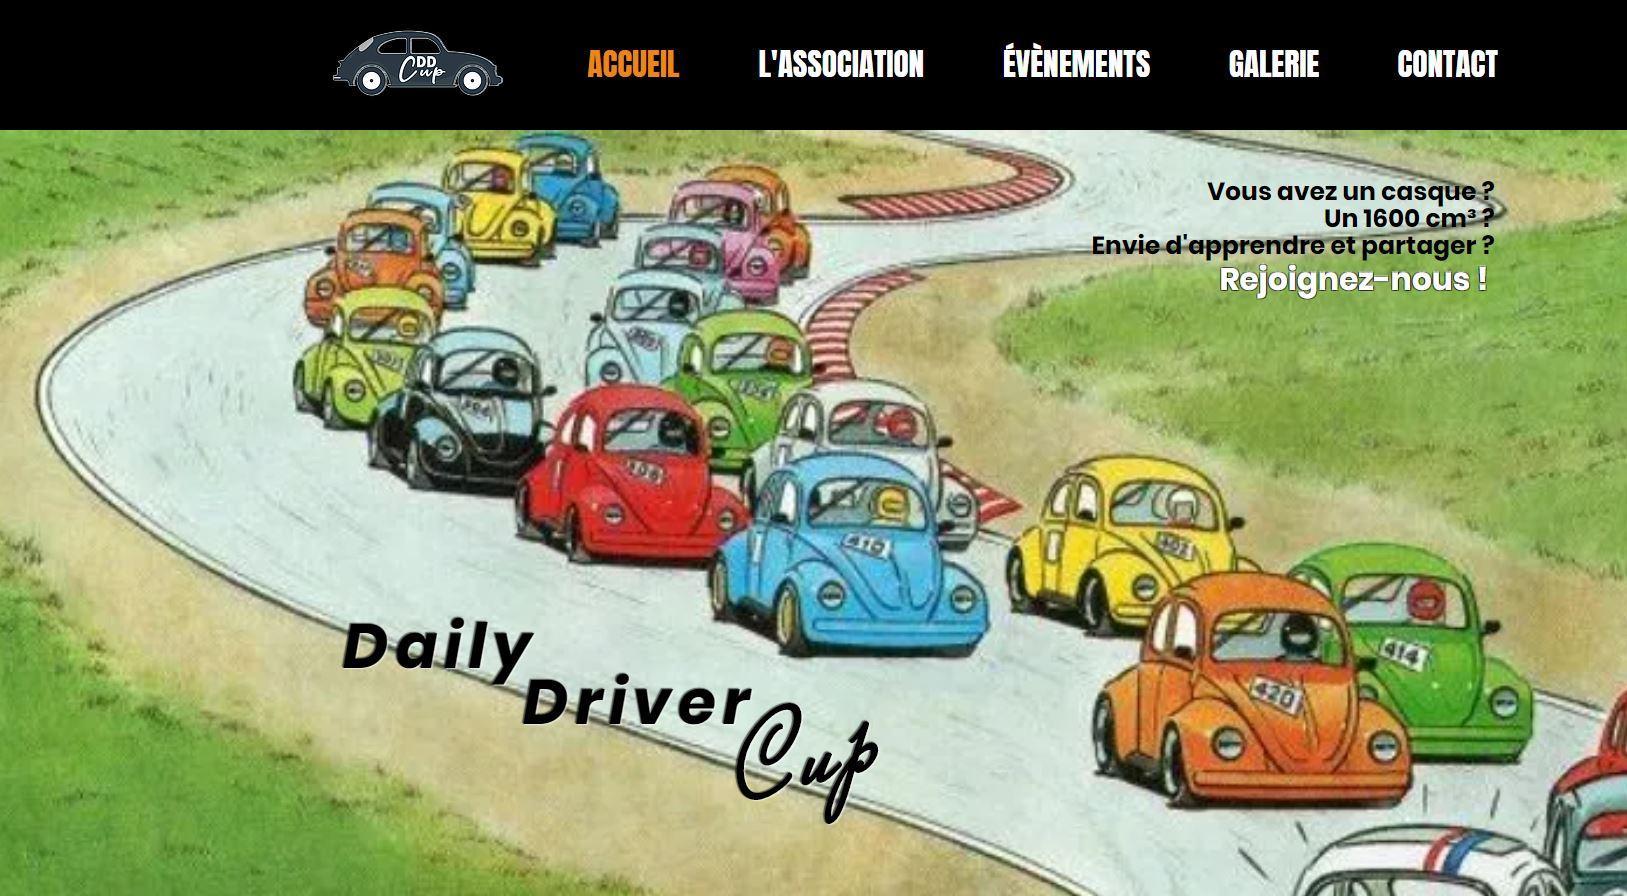 www.dailydrivercup.fr